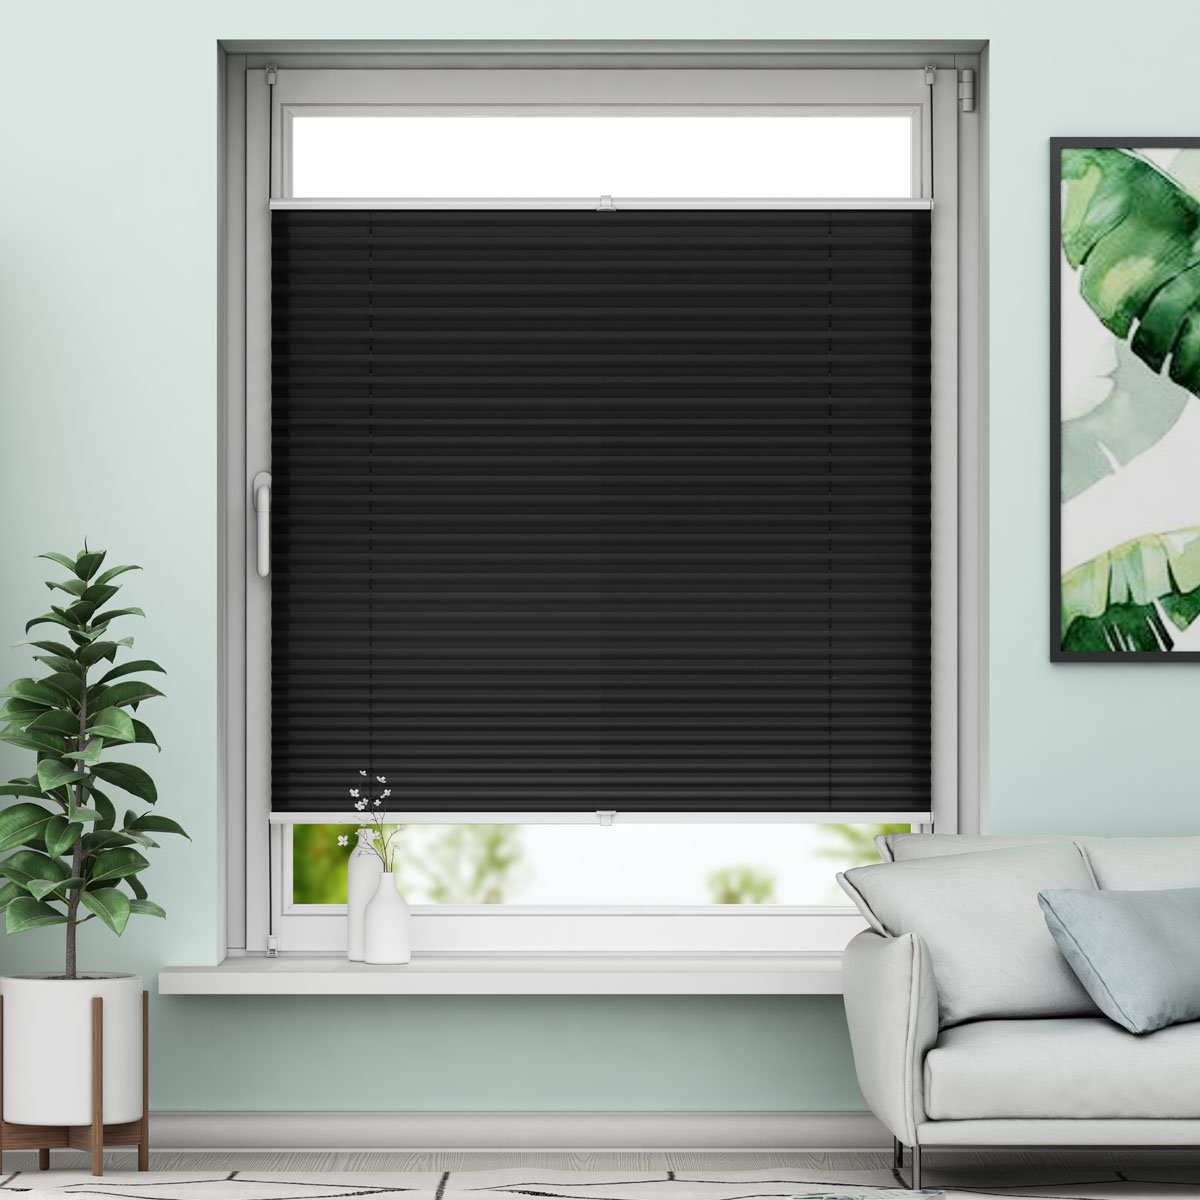 Store Plissé pour Fenêtre Rideau Plissésans perçage facile à poser Gris 40x100cm Sanfree